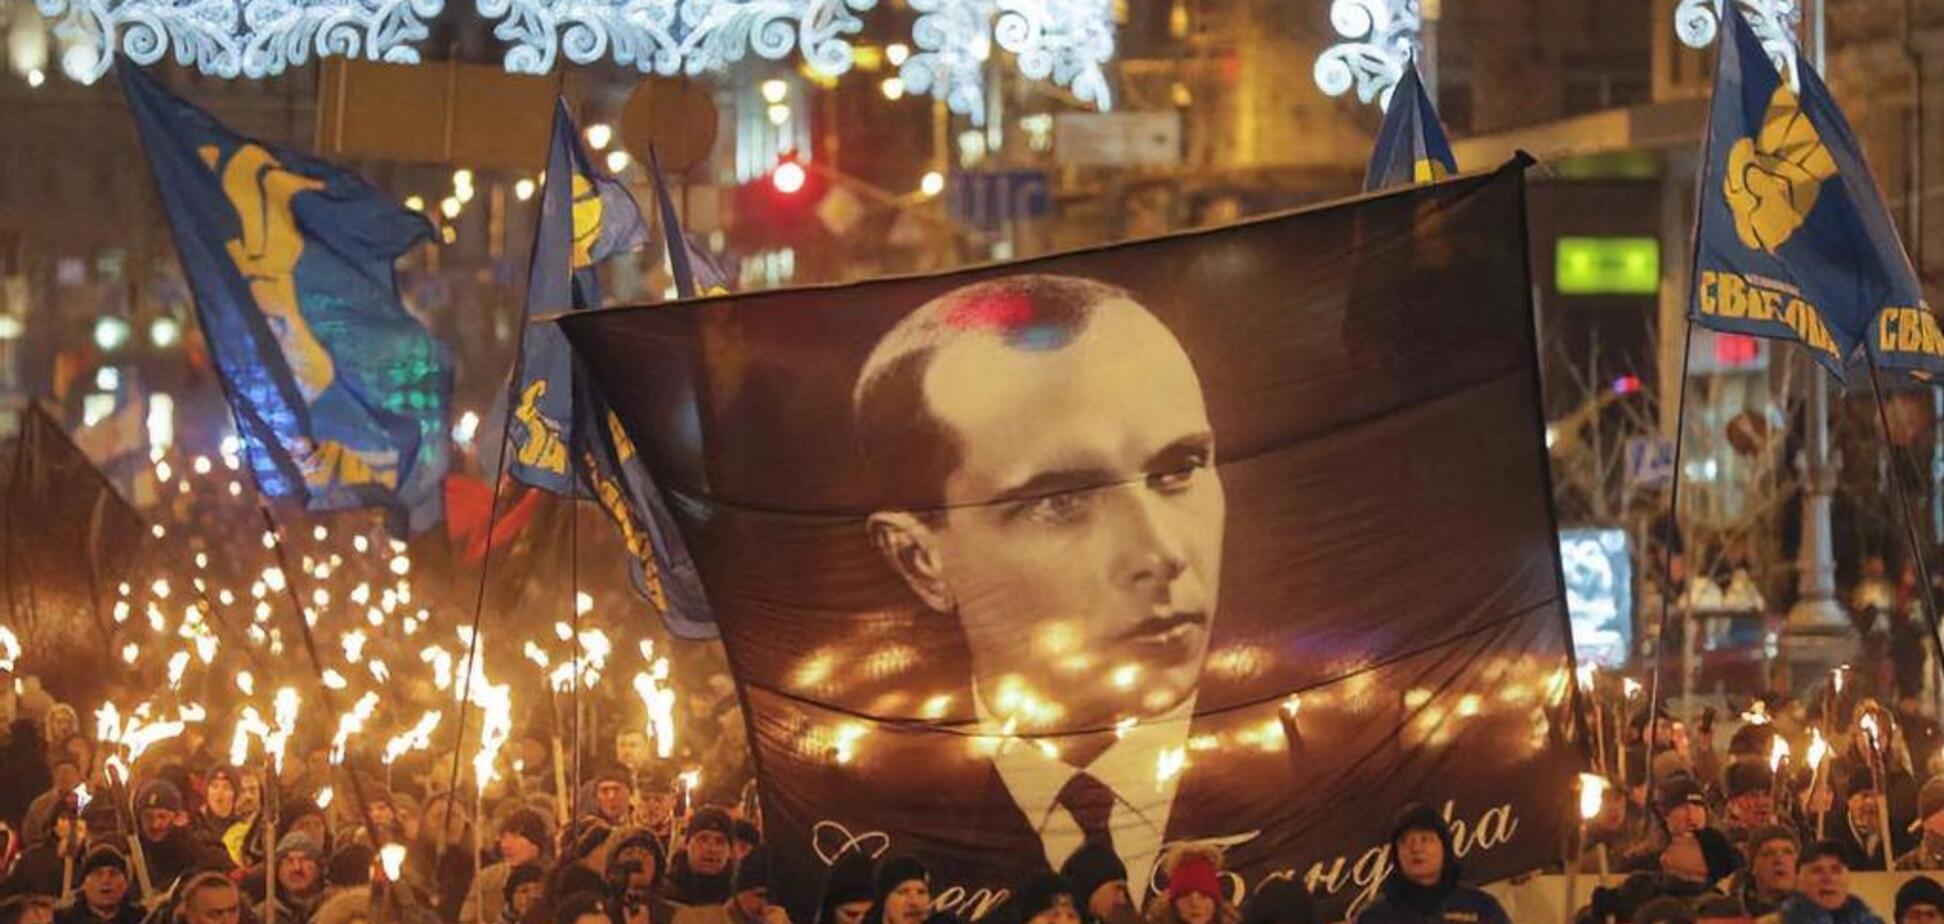 Бандера был агентом Гитлера? Развенчана громкая 'сенсация' российских СМИ